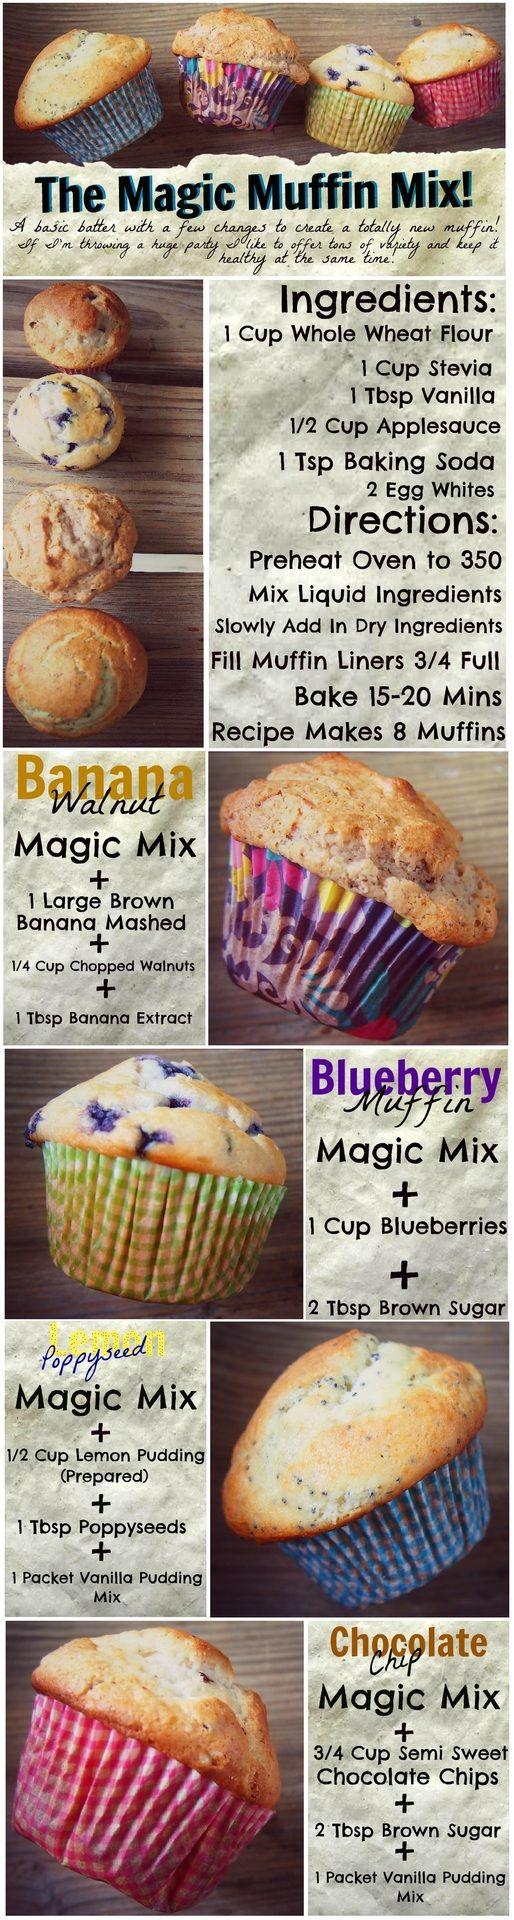 Muffin Magic Mix